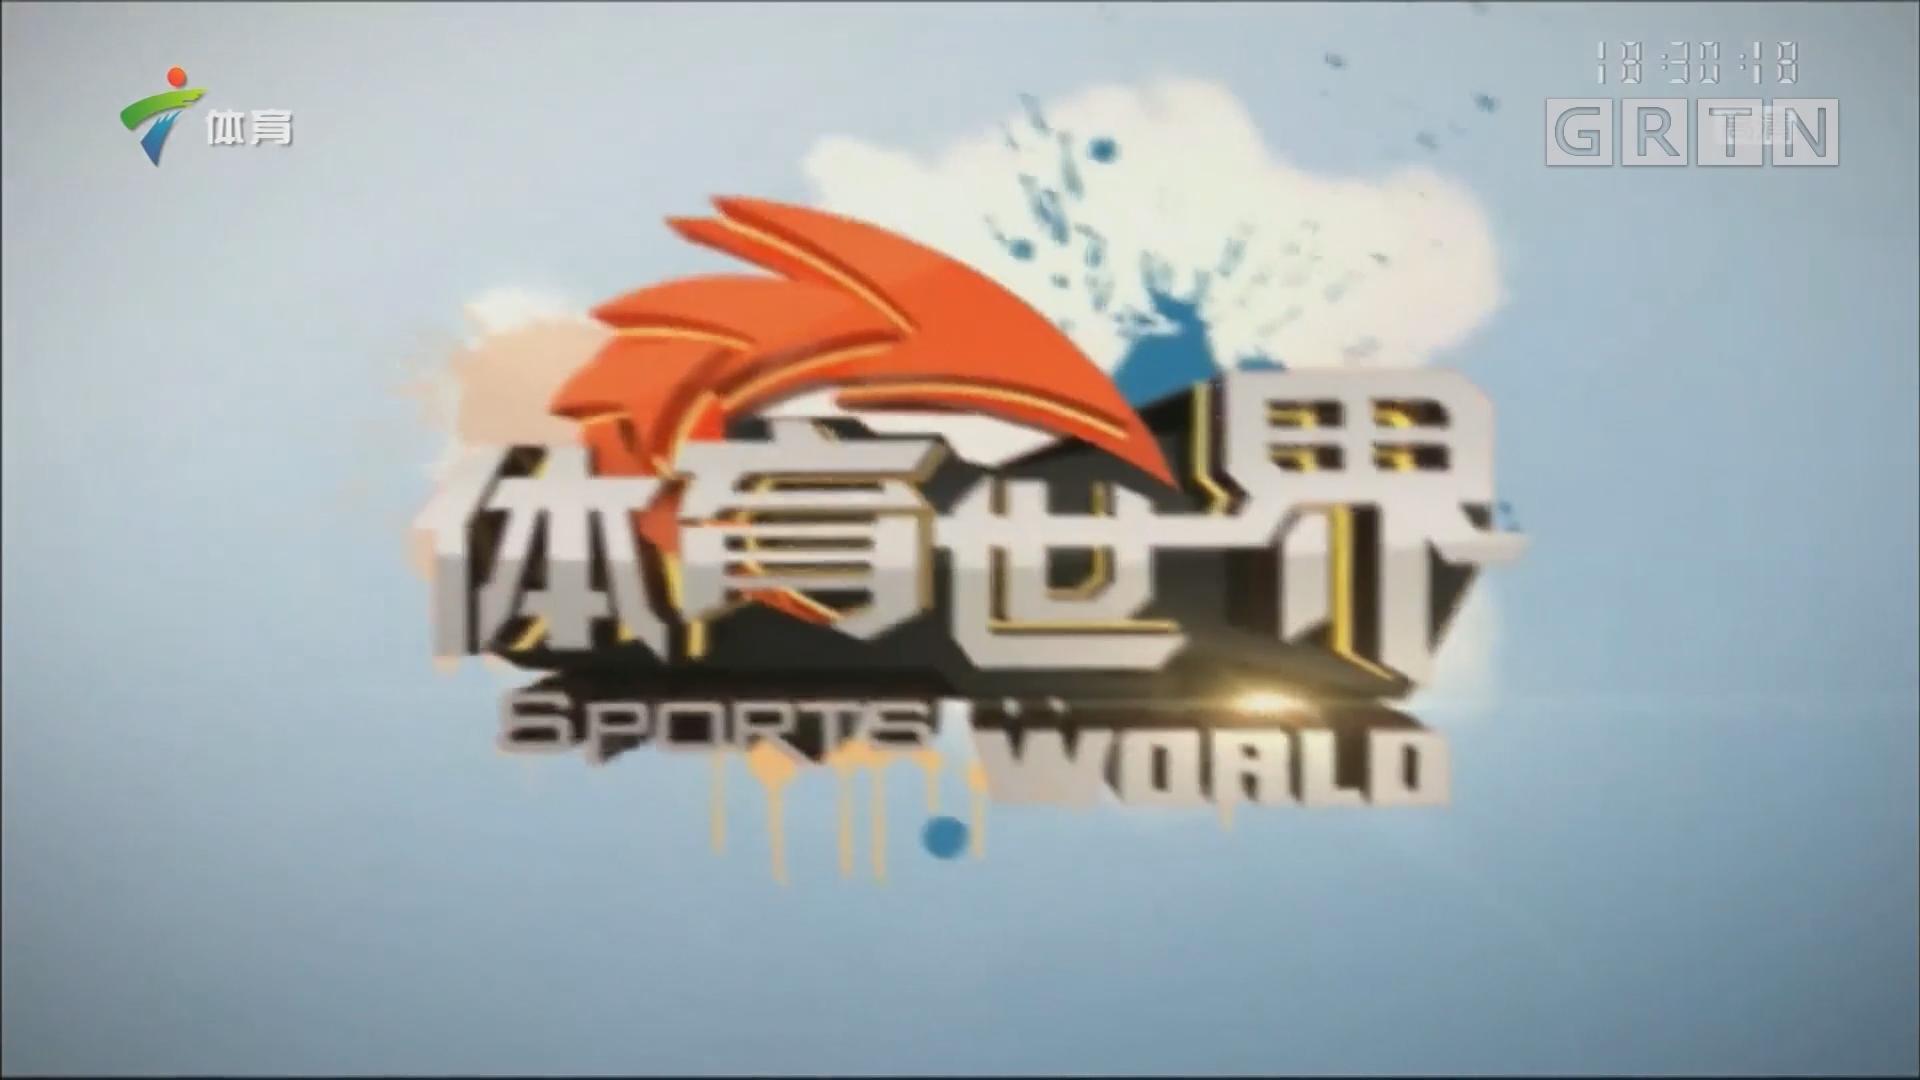 [HD][2017-12-19]体育世界:萌芽杯羽球赛 羽球新星在此启航